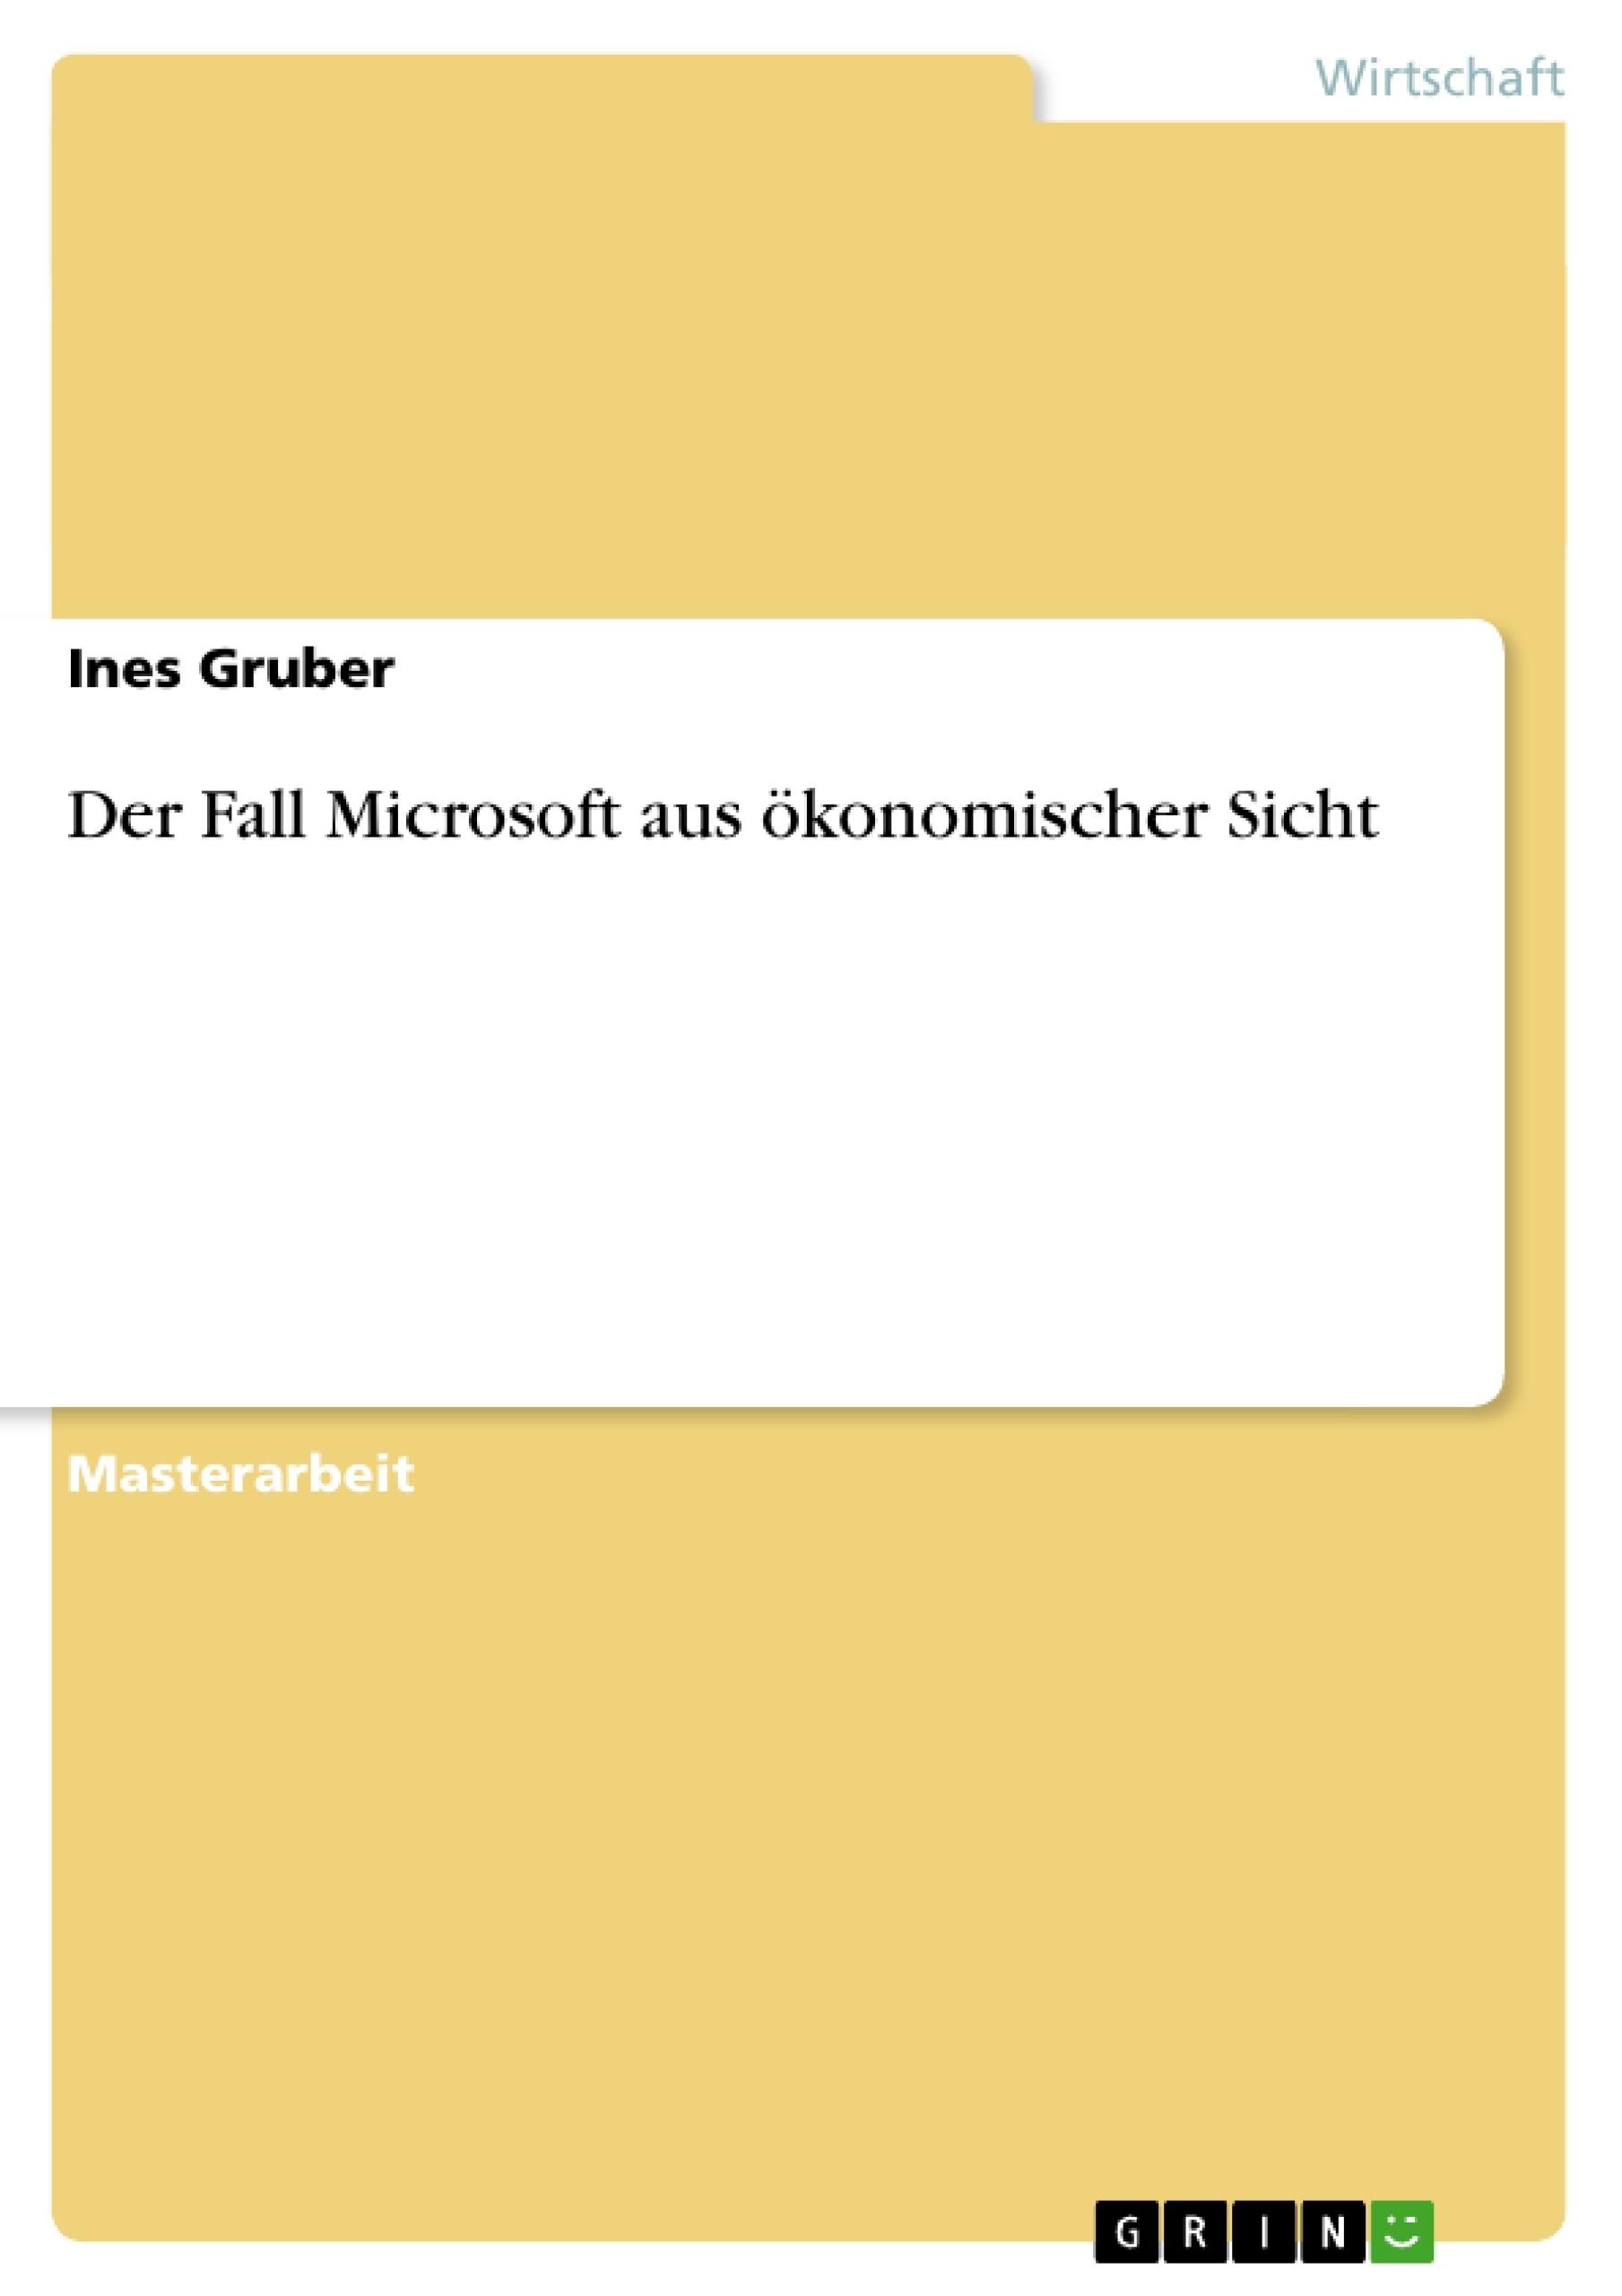 Titel: Der Fall Microsoft aus ökonomischer Sicht